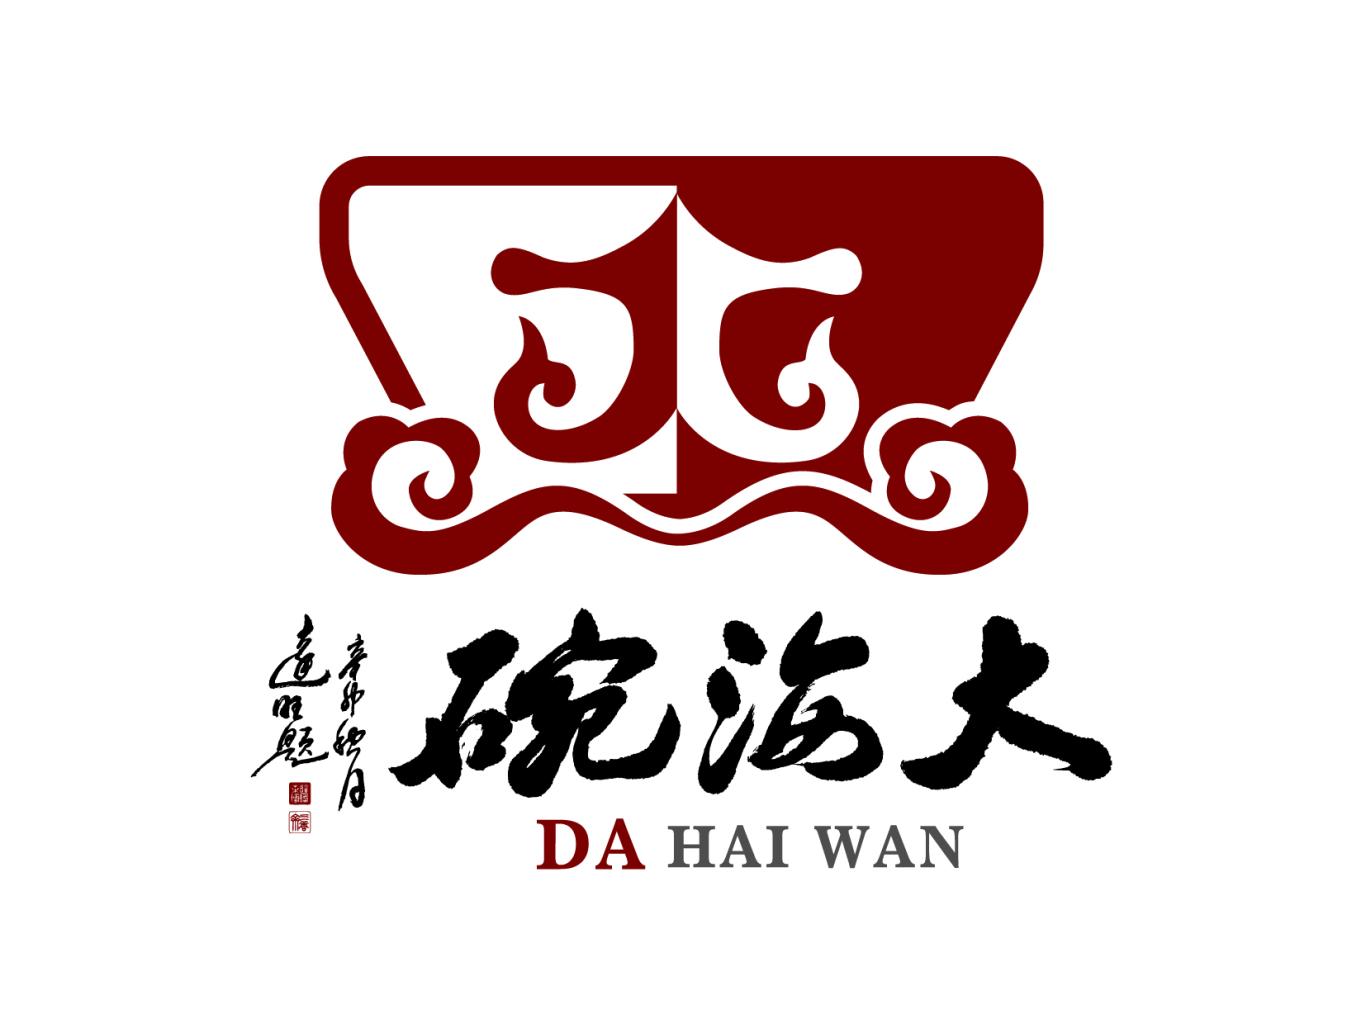 北京红花大海碗餐饮有限责任公司LogoVIS设计图1